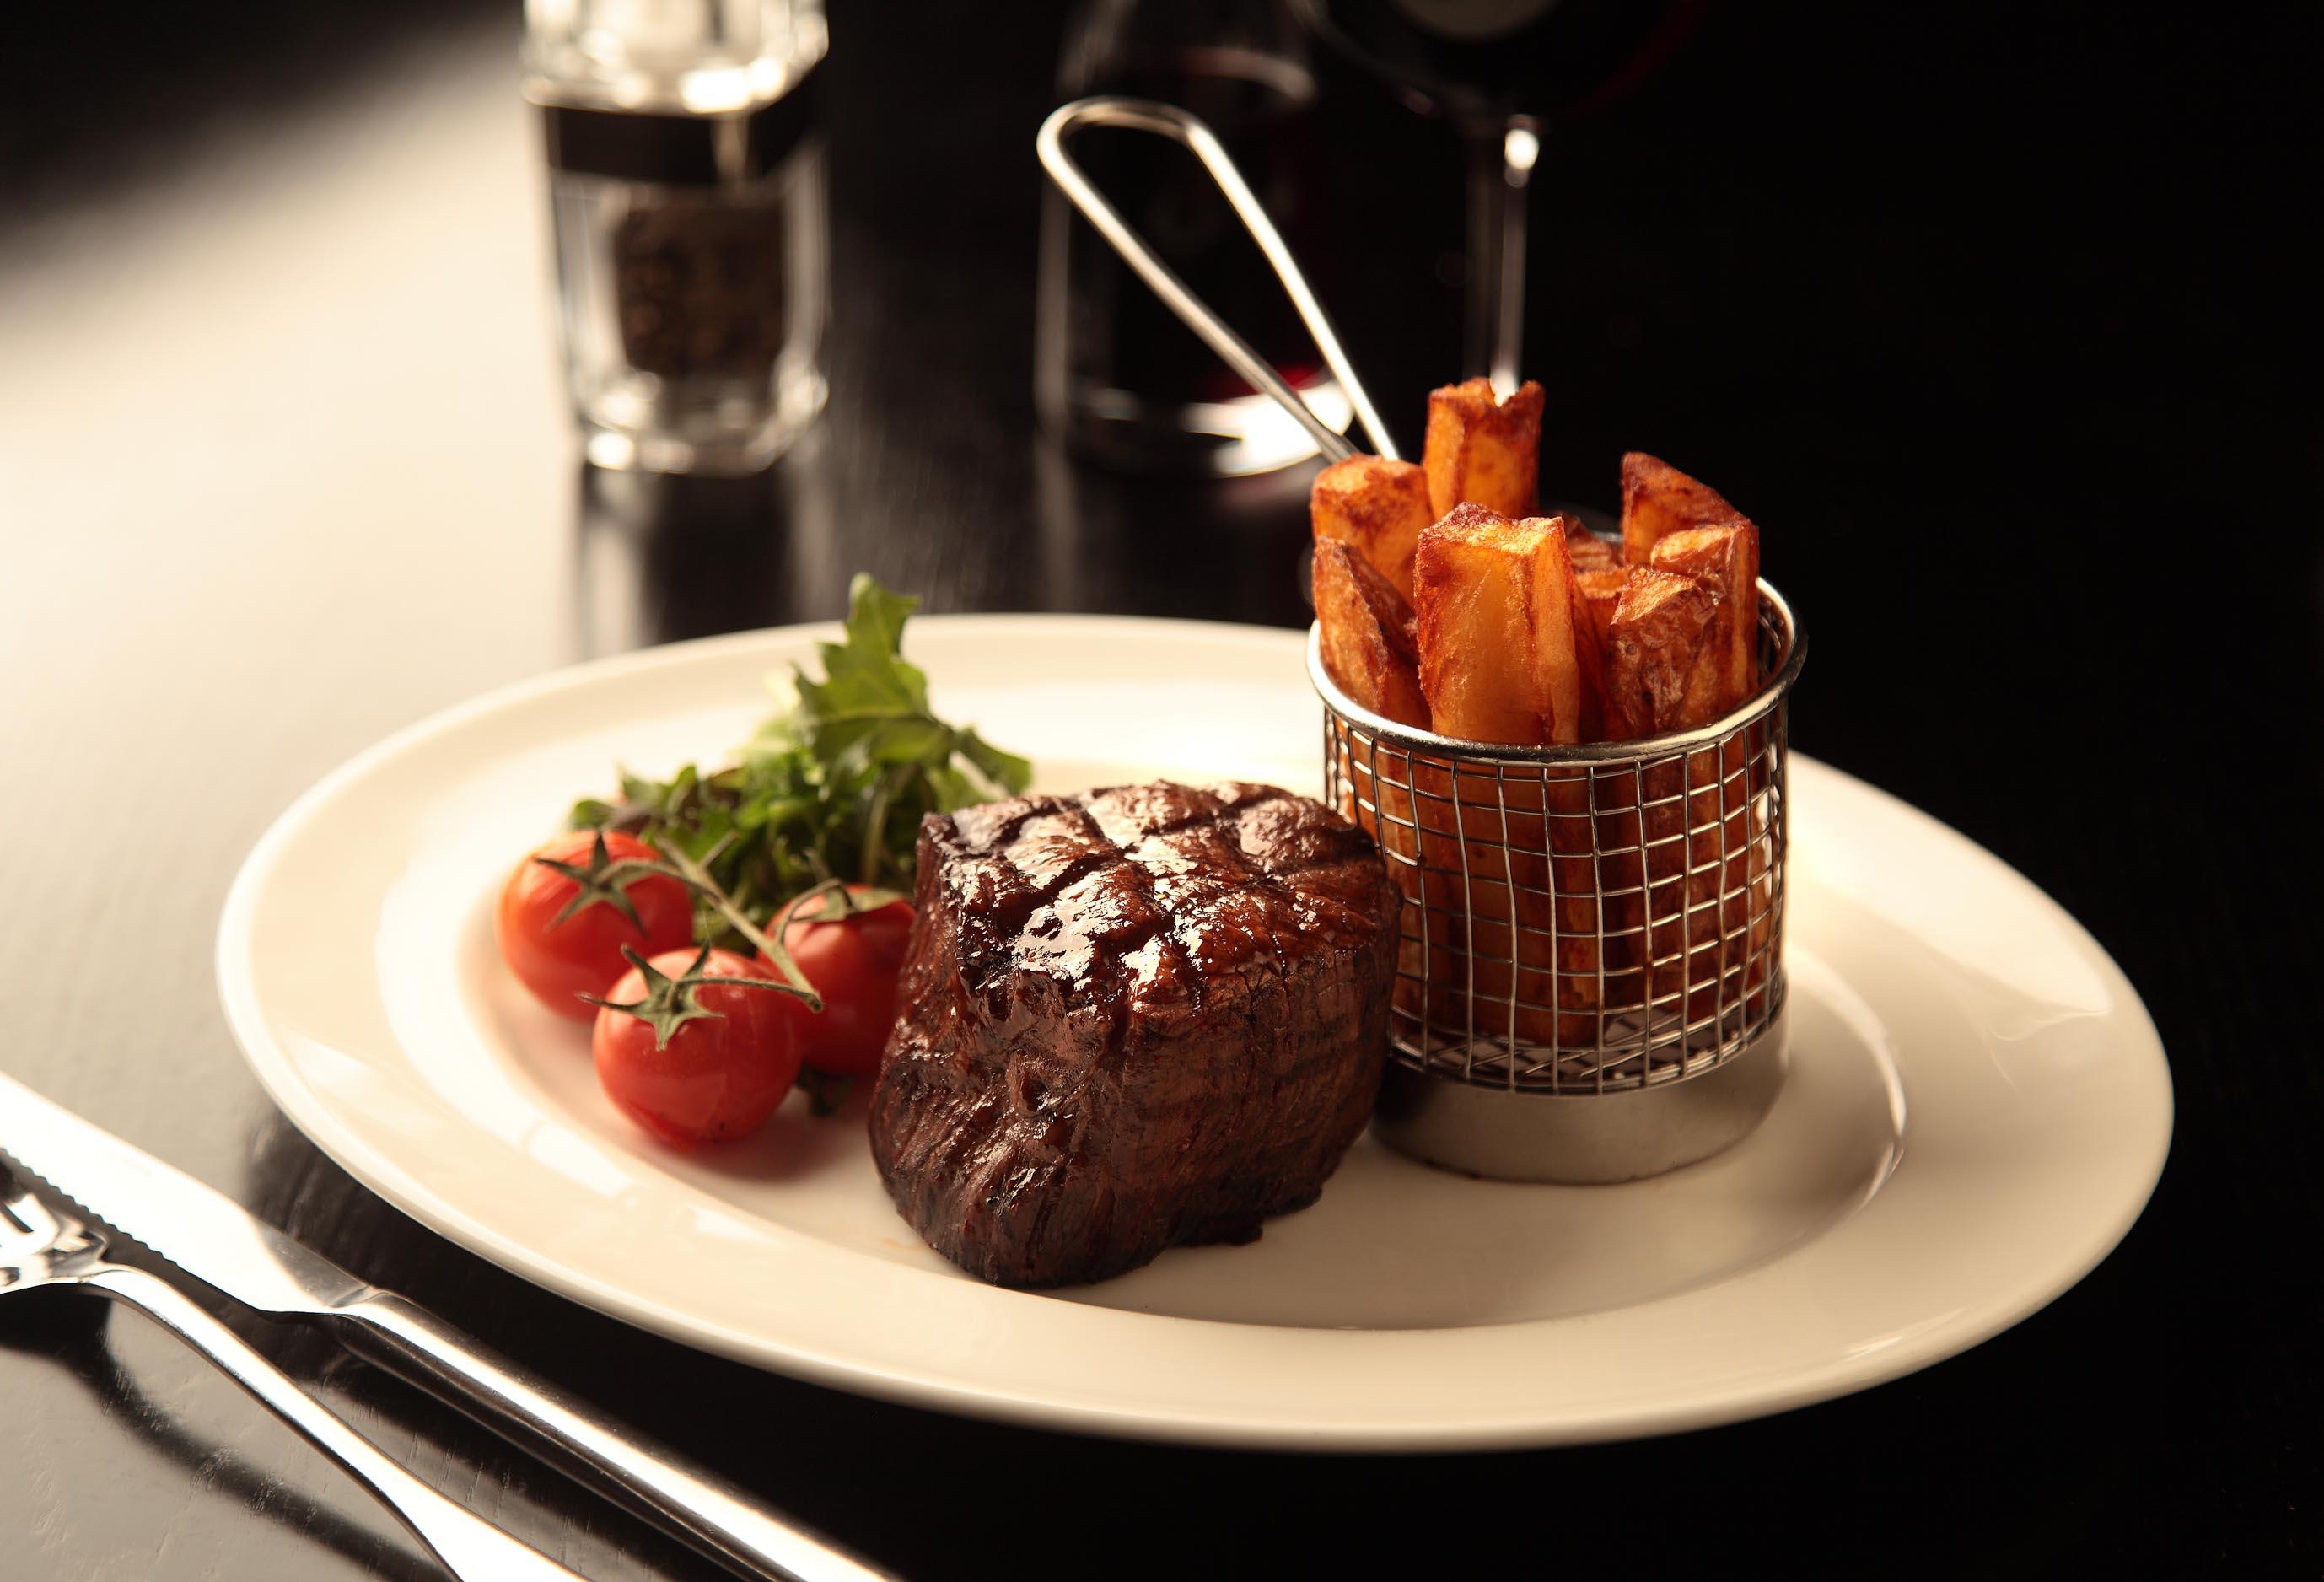 2013-01-15-steak4.jpg